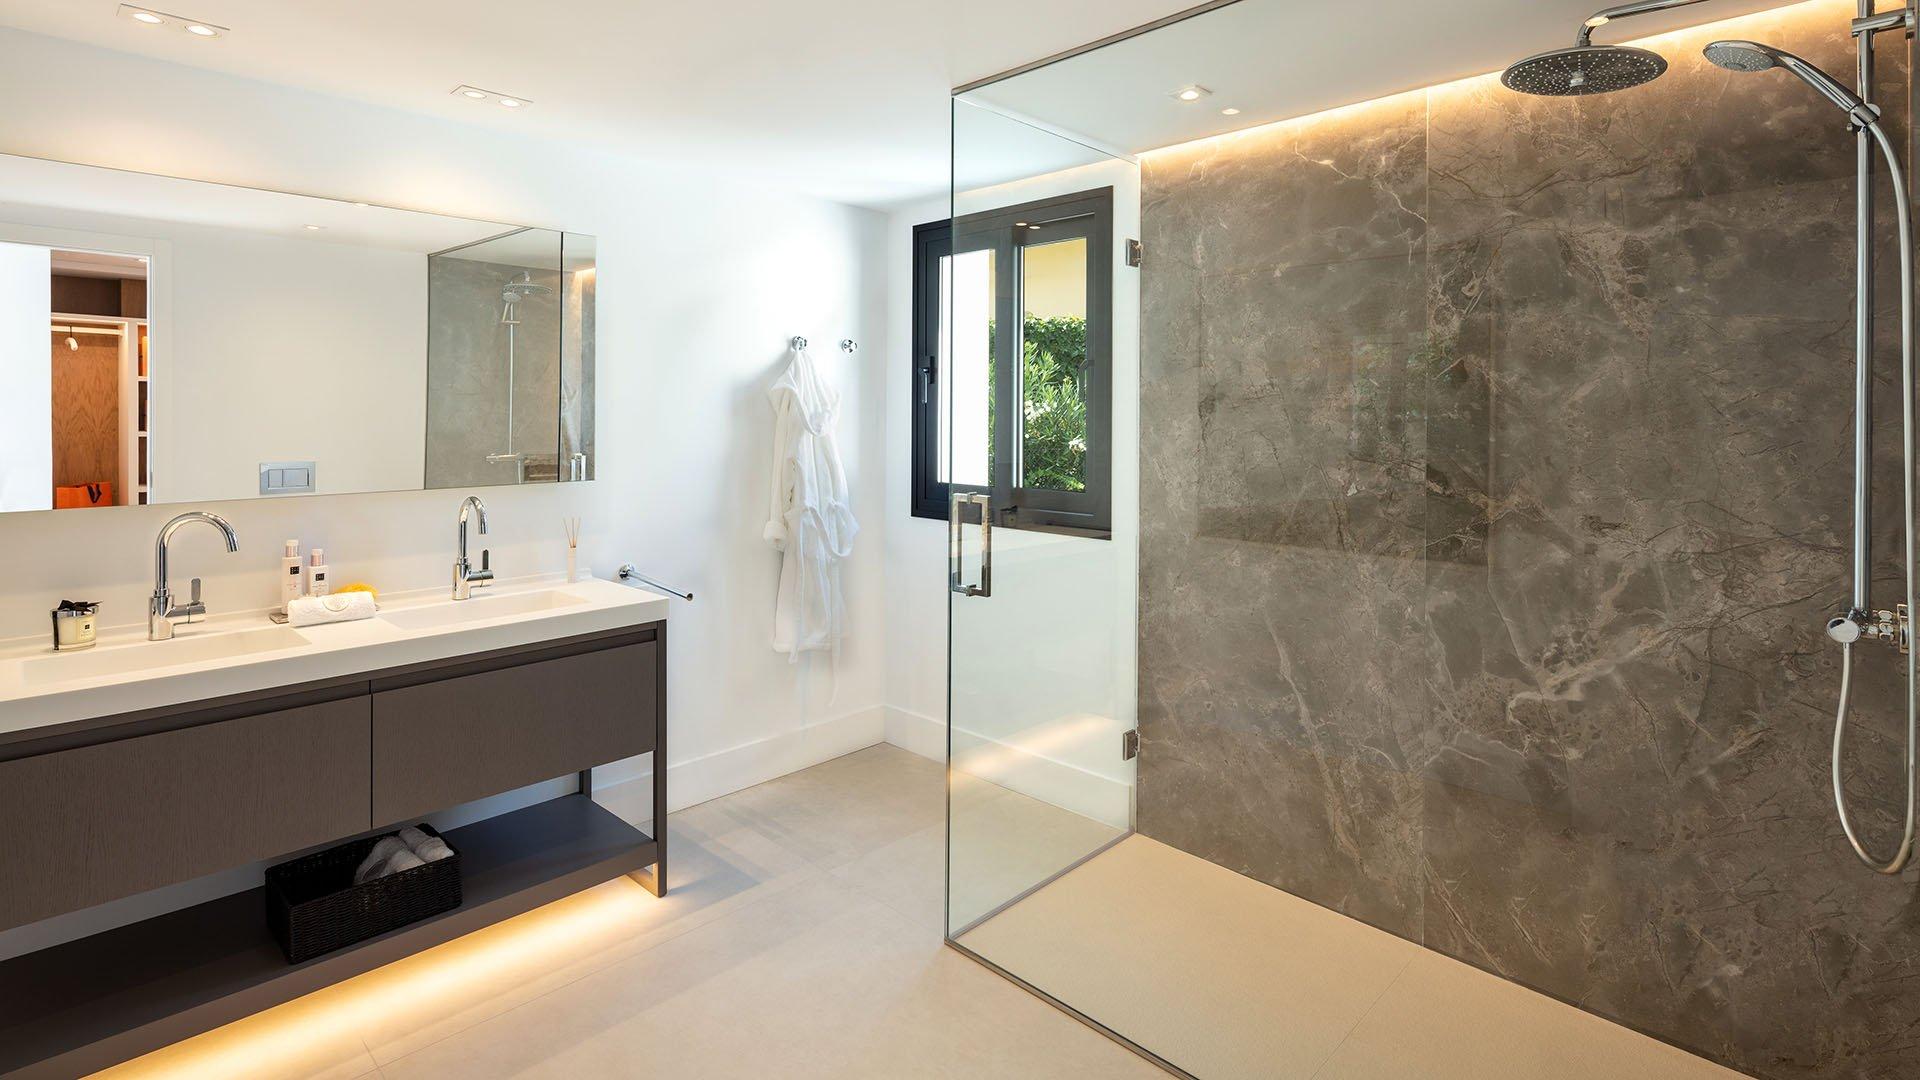 Villa Karma: Renovated luxury villa in the heart of Nueva Andalucía, Marbella